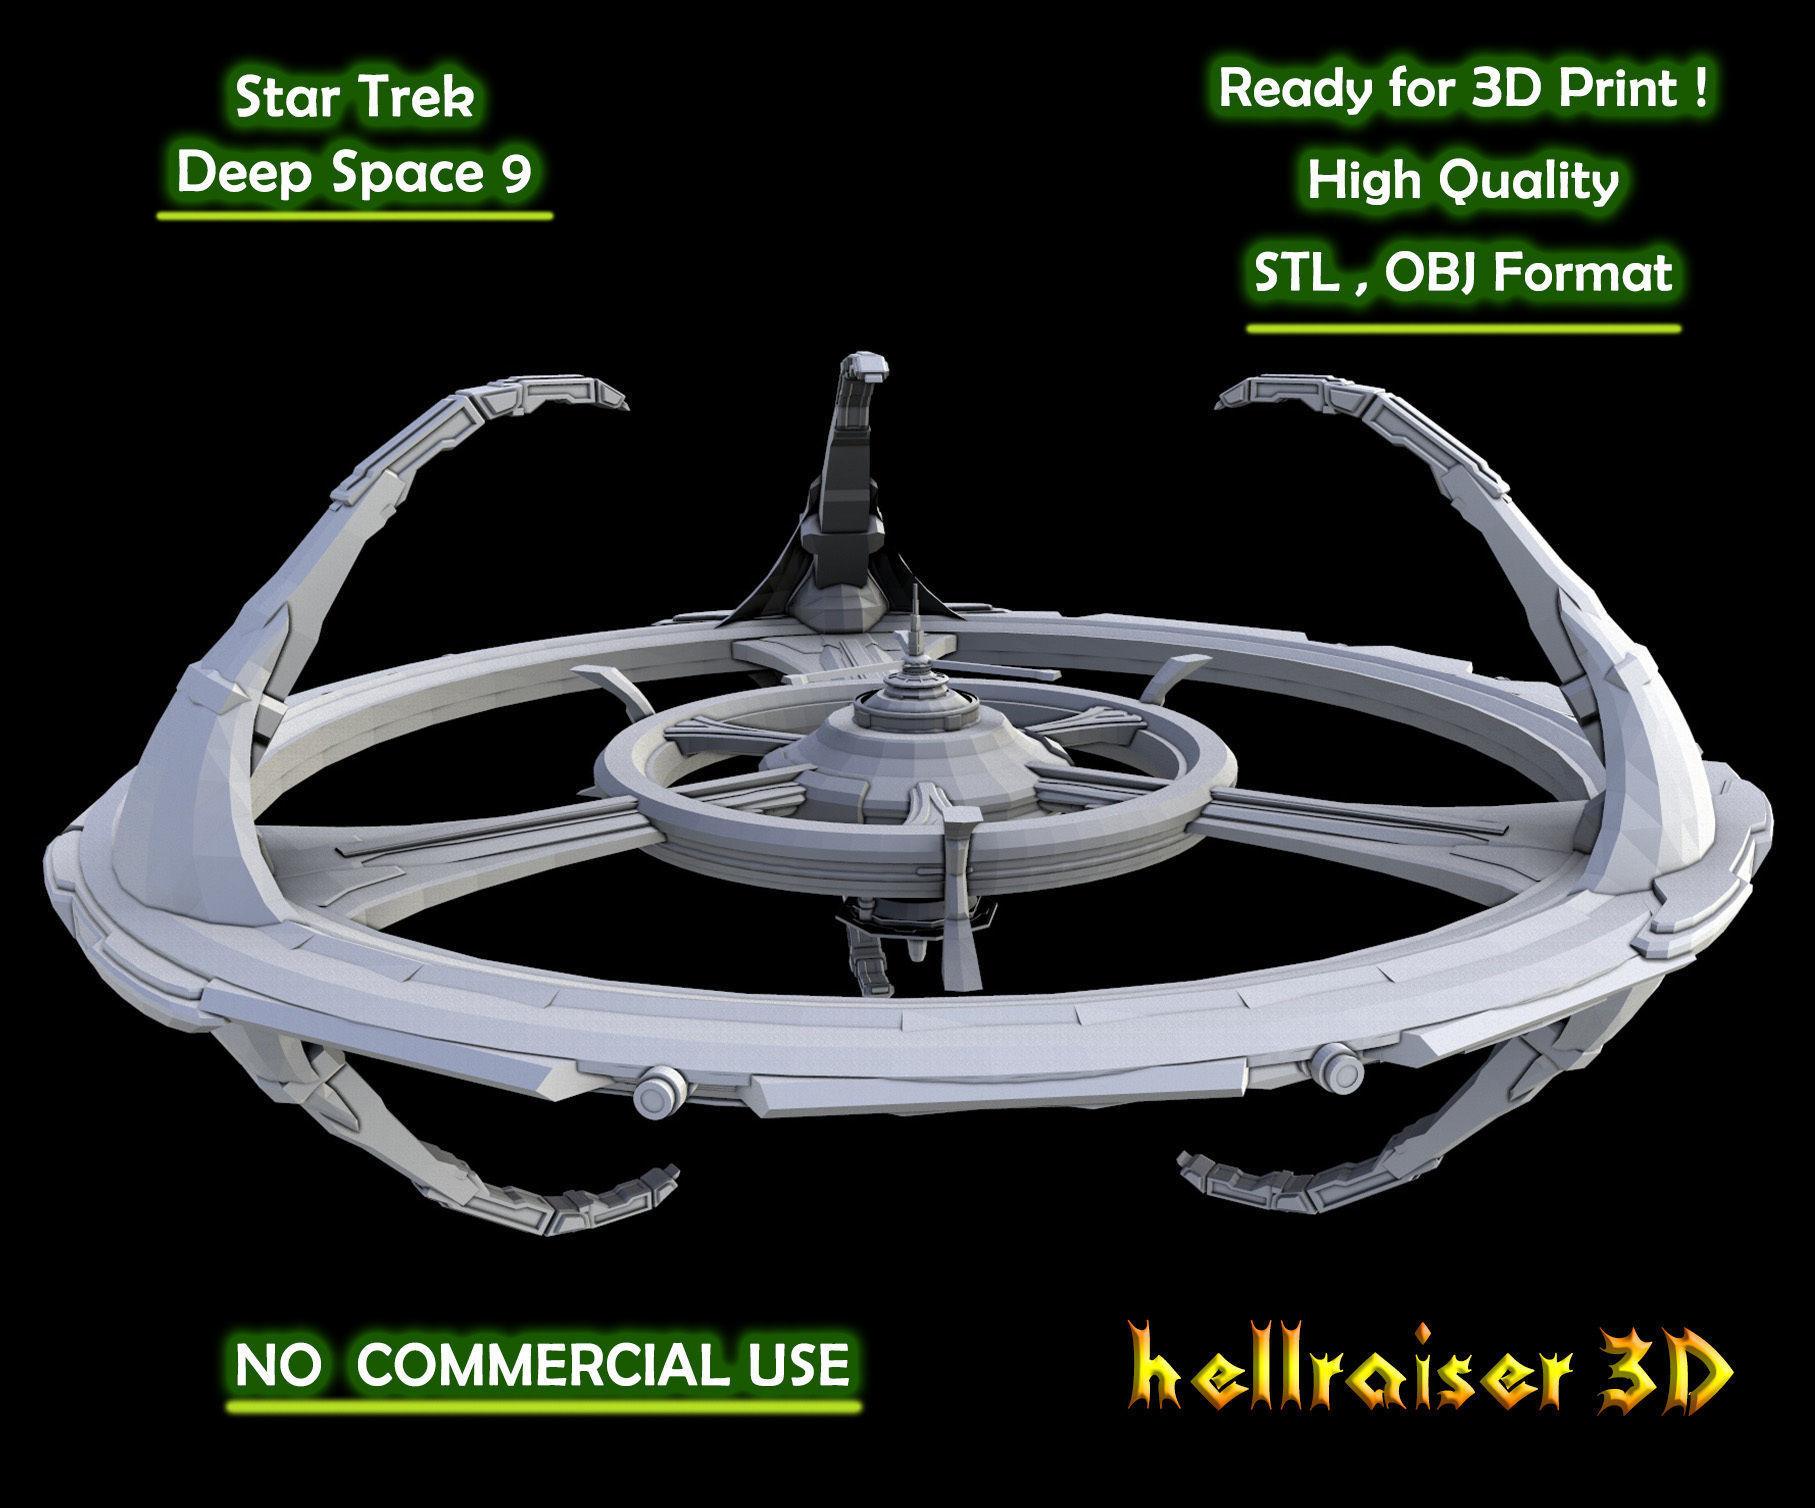 Star Trek - Deep Space 9 - 3D Printable Model